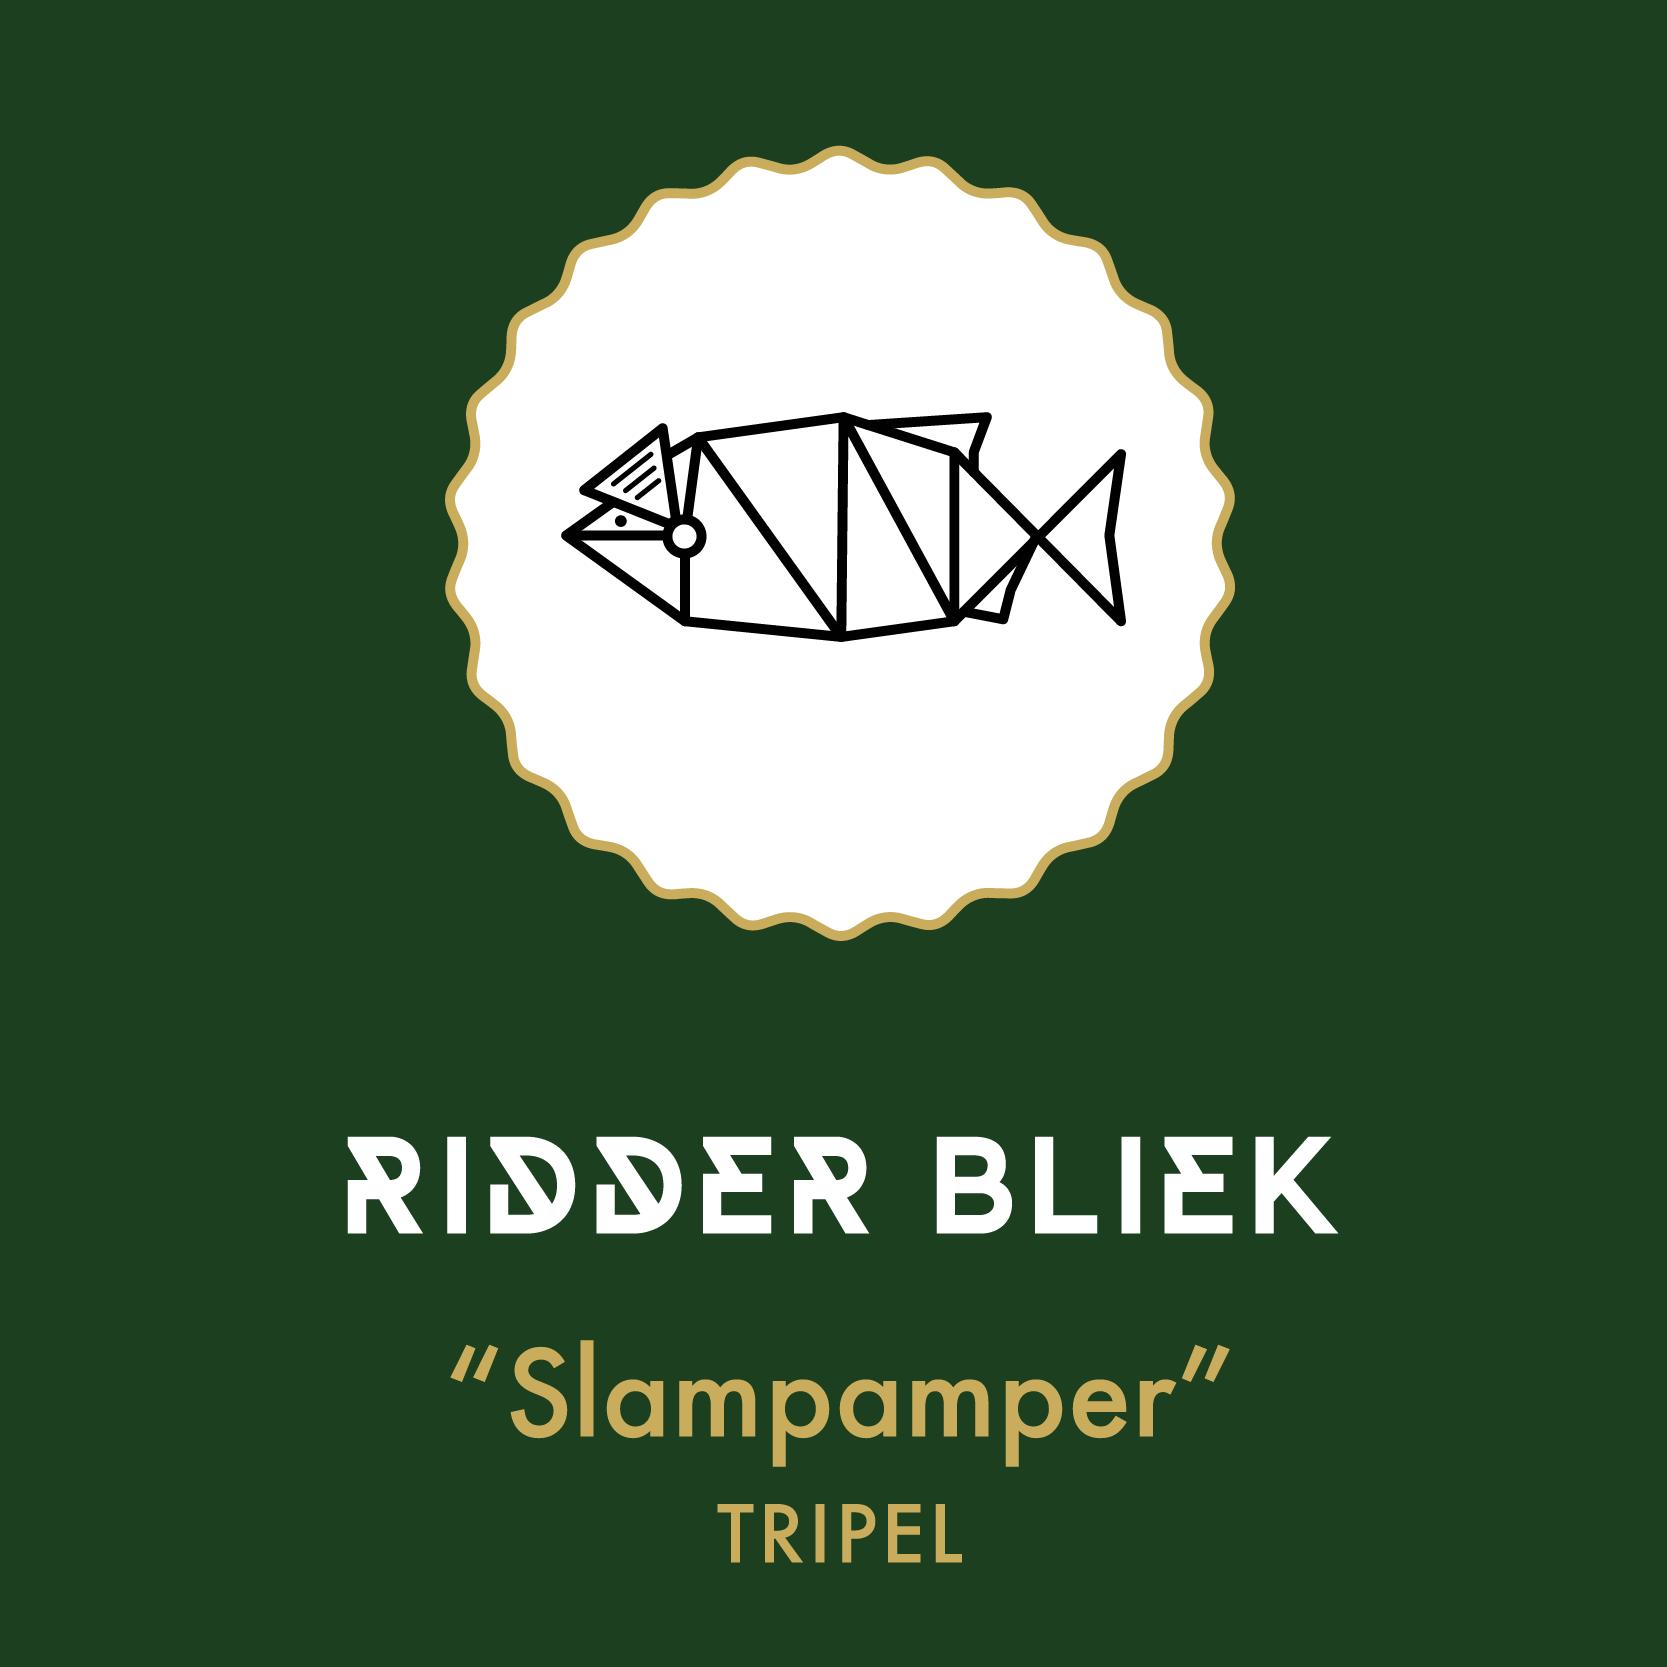 Slampamper Tripel